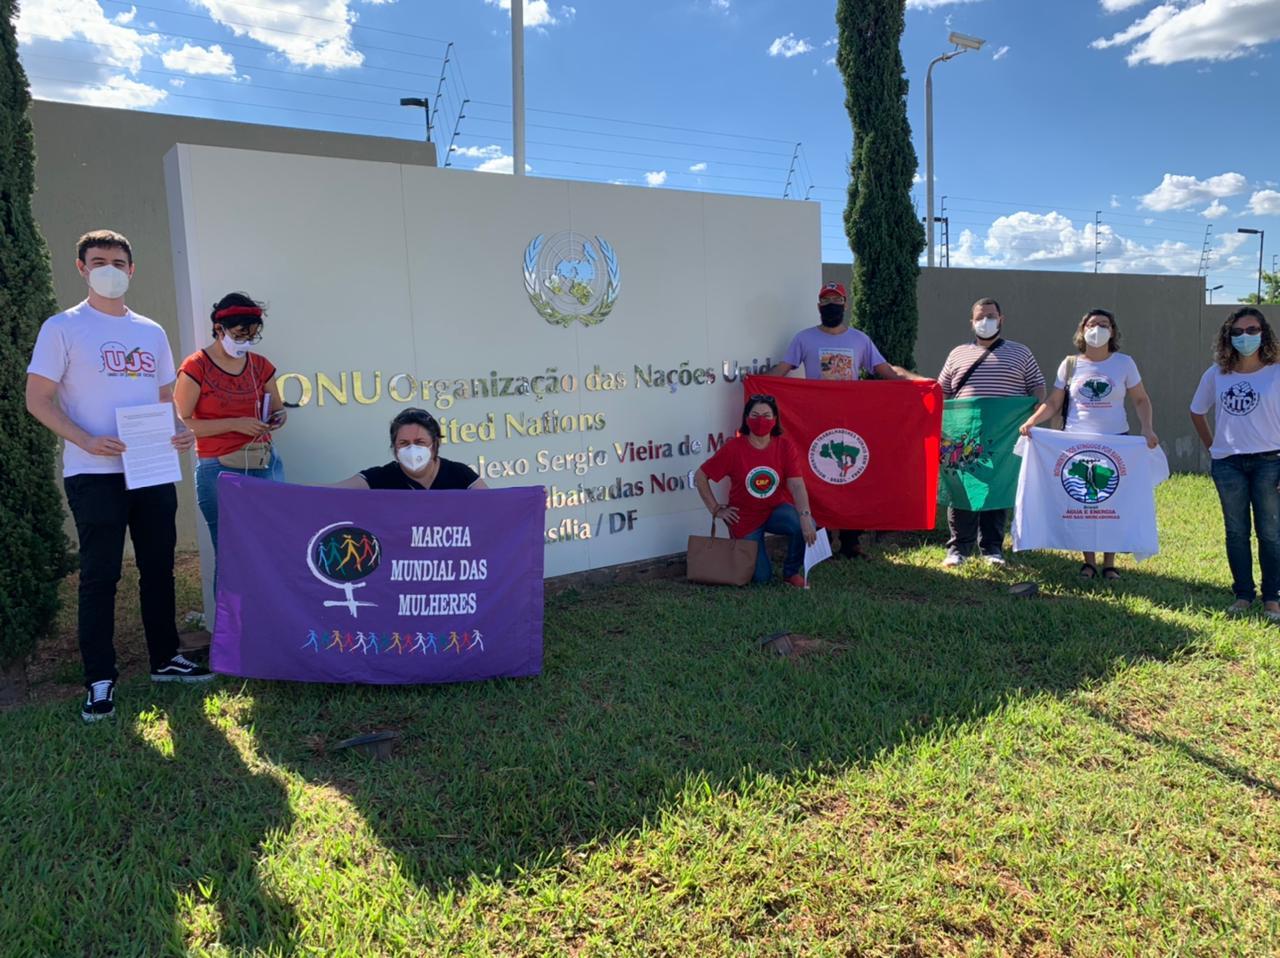 Organizações internacionais enviam carta de apoio ao povo do Haiti a ONU e OEA